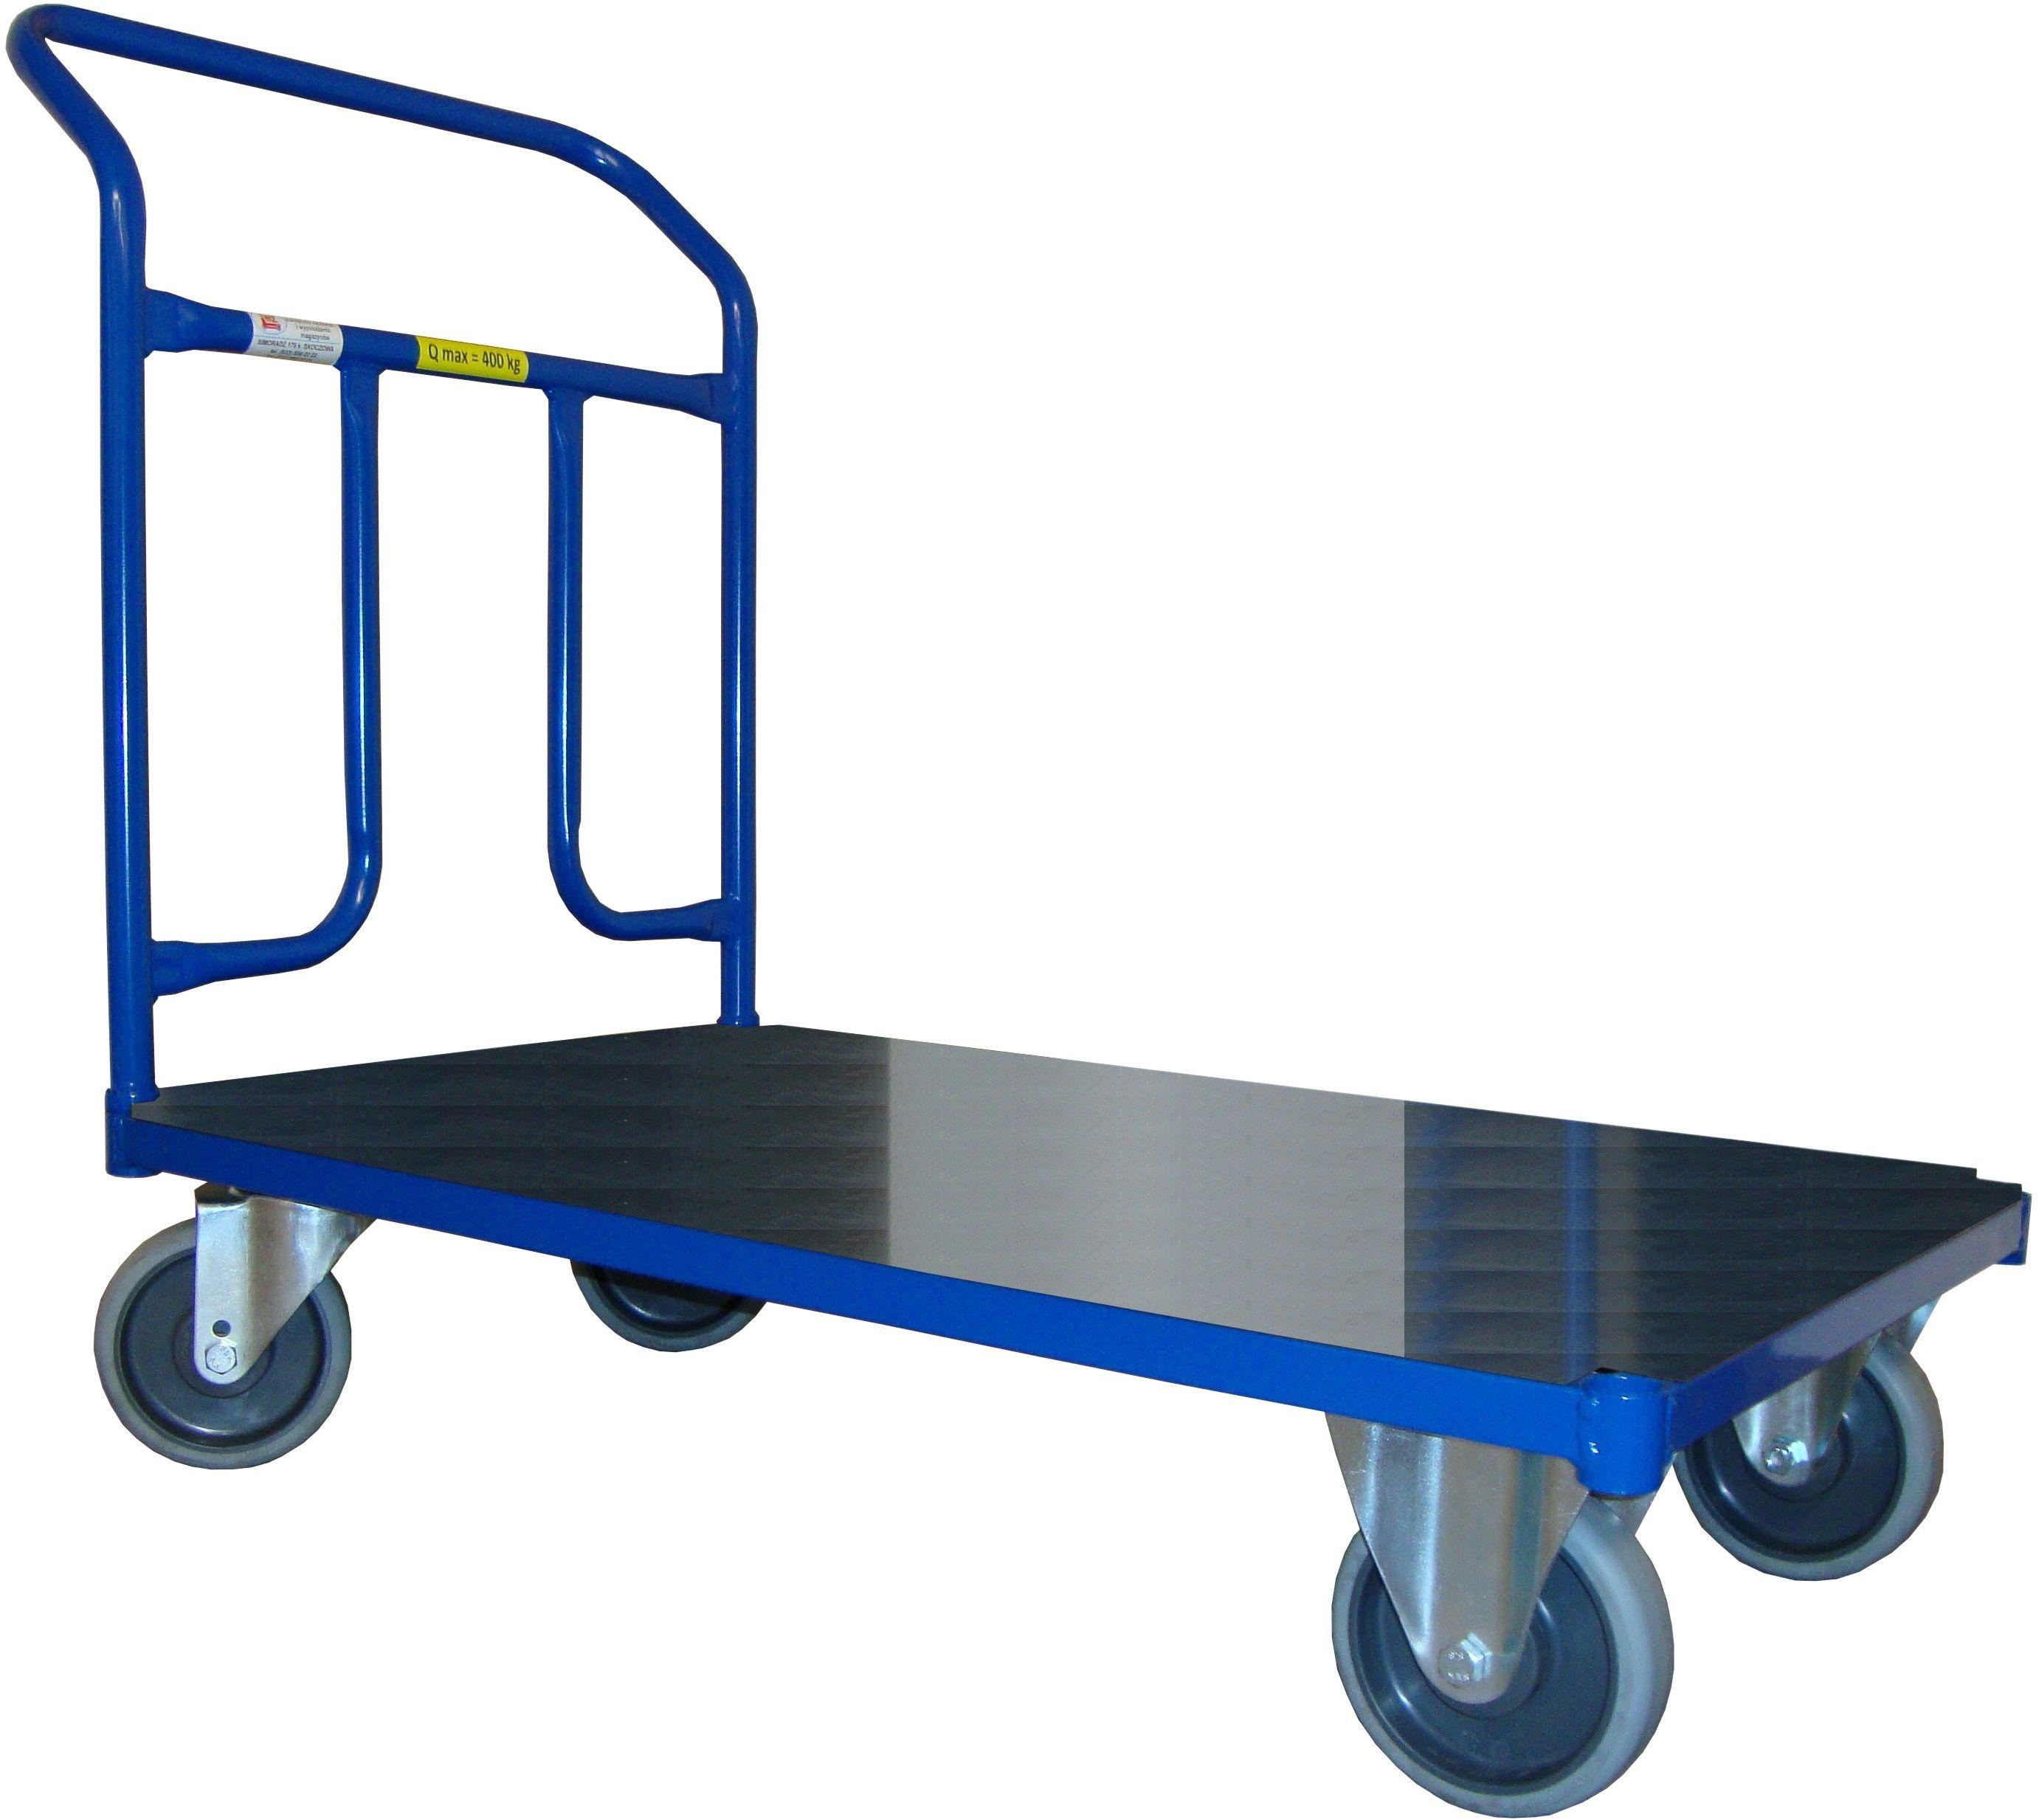 Wózek platformowy magazynowy, poręcz przykręcana, 300 kg